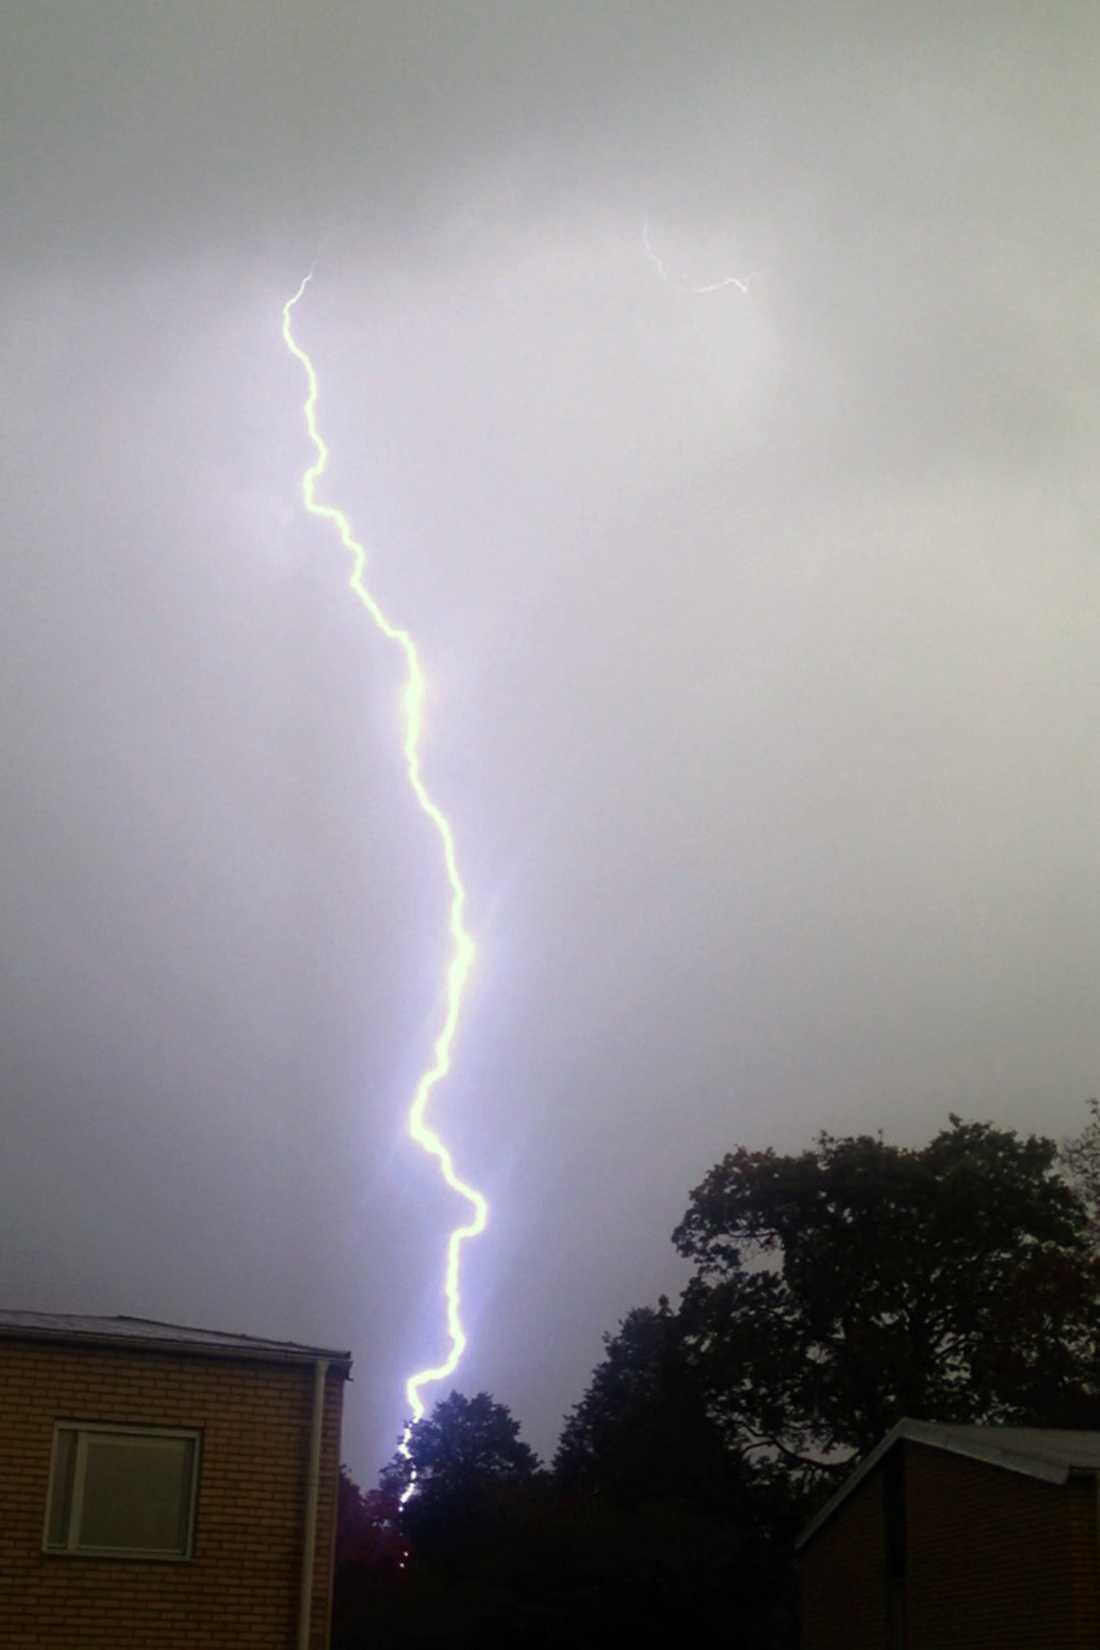 I Jönköping träffades en flicka av blixten - när hon satt hemma i soffan med datorn i knäet. OBS! Bilden visar ett tidigare blixtnedslag.